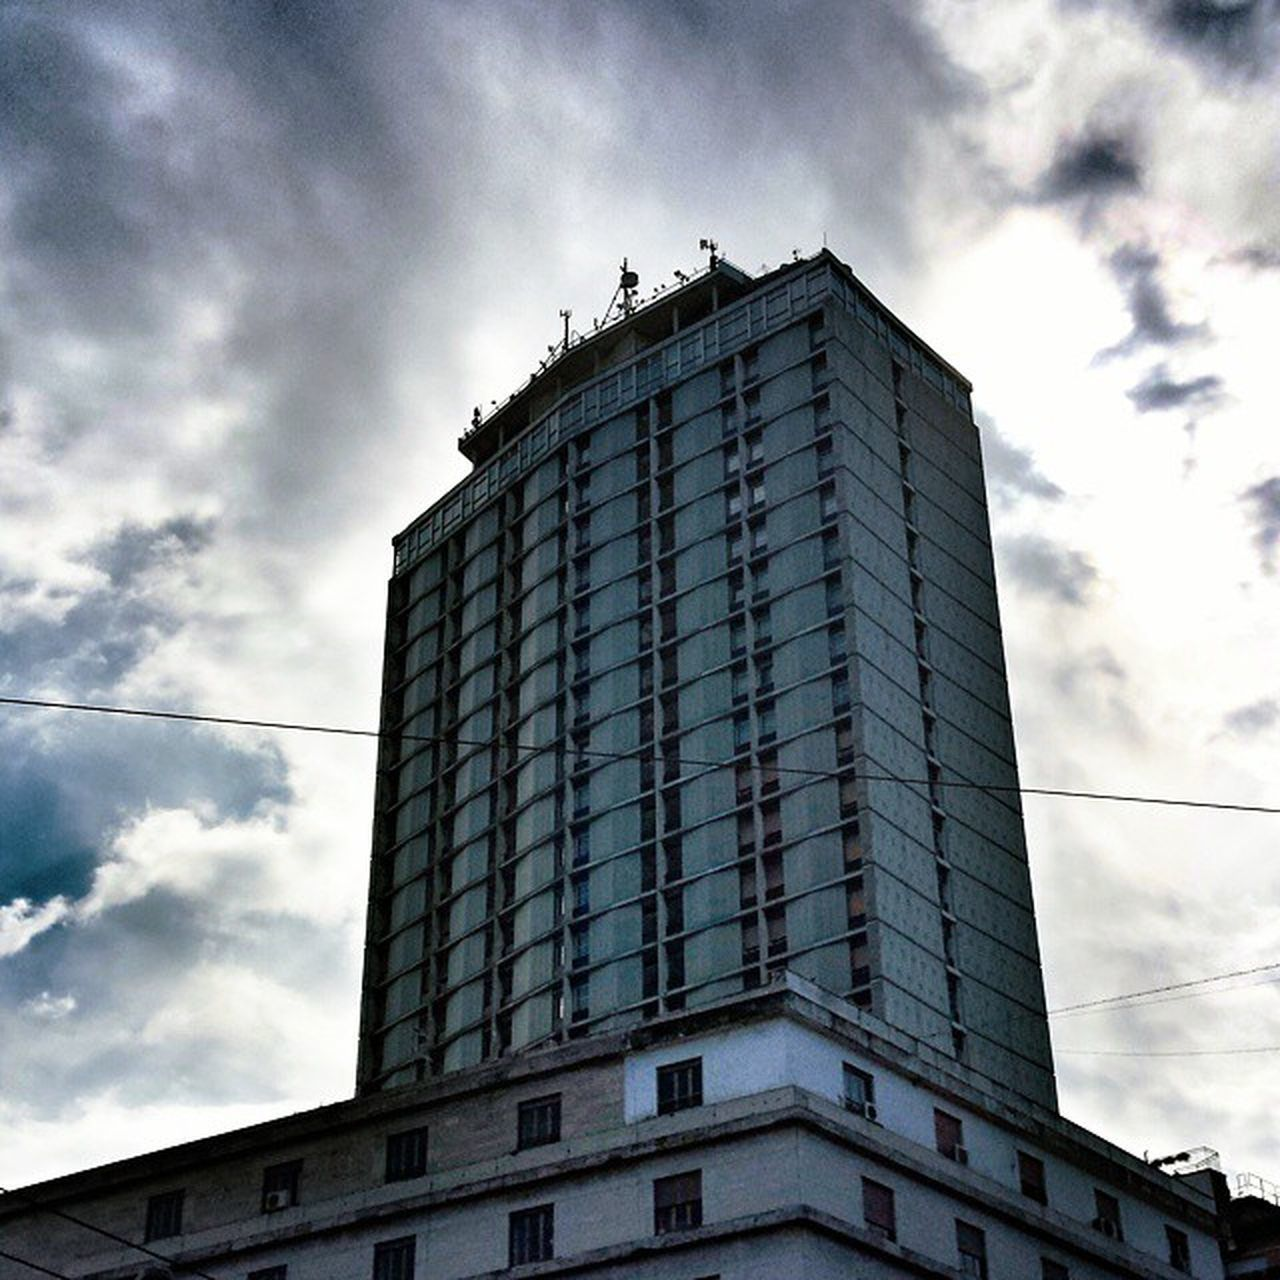 Napoli Naples Neapel なポリ grattacielo hotel Skyscraper nuvole cielo sole clouds sky sun foto_napoli Napolipix napoli_foto